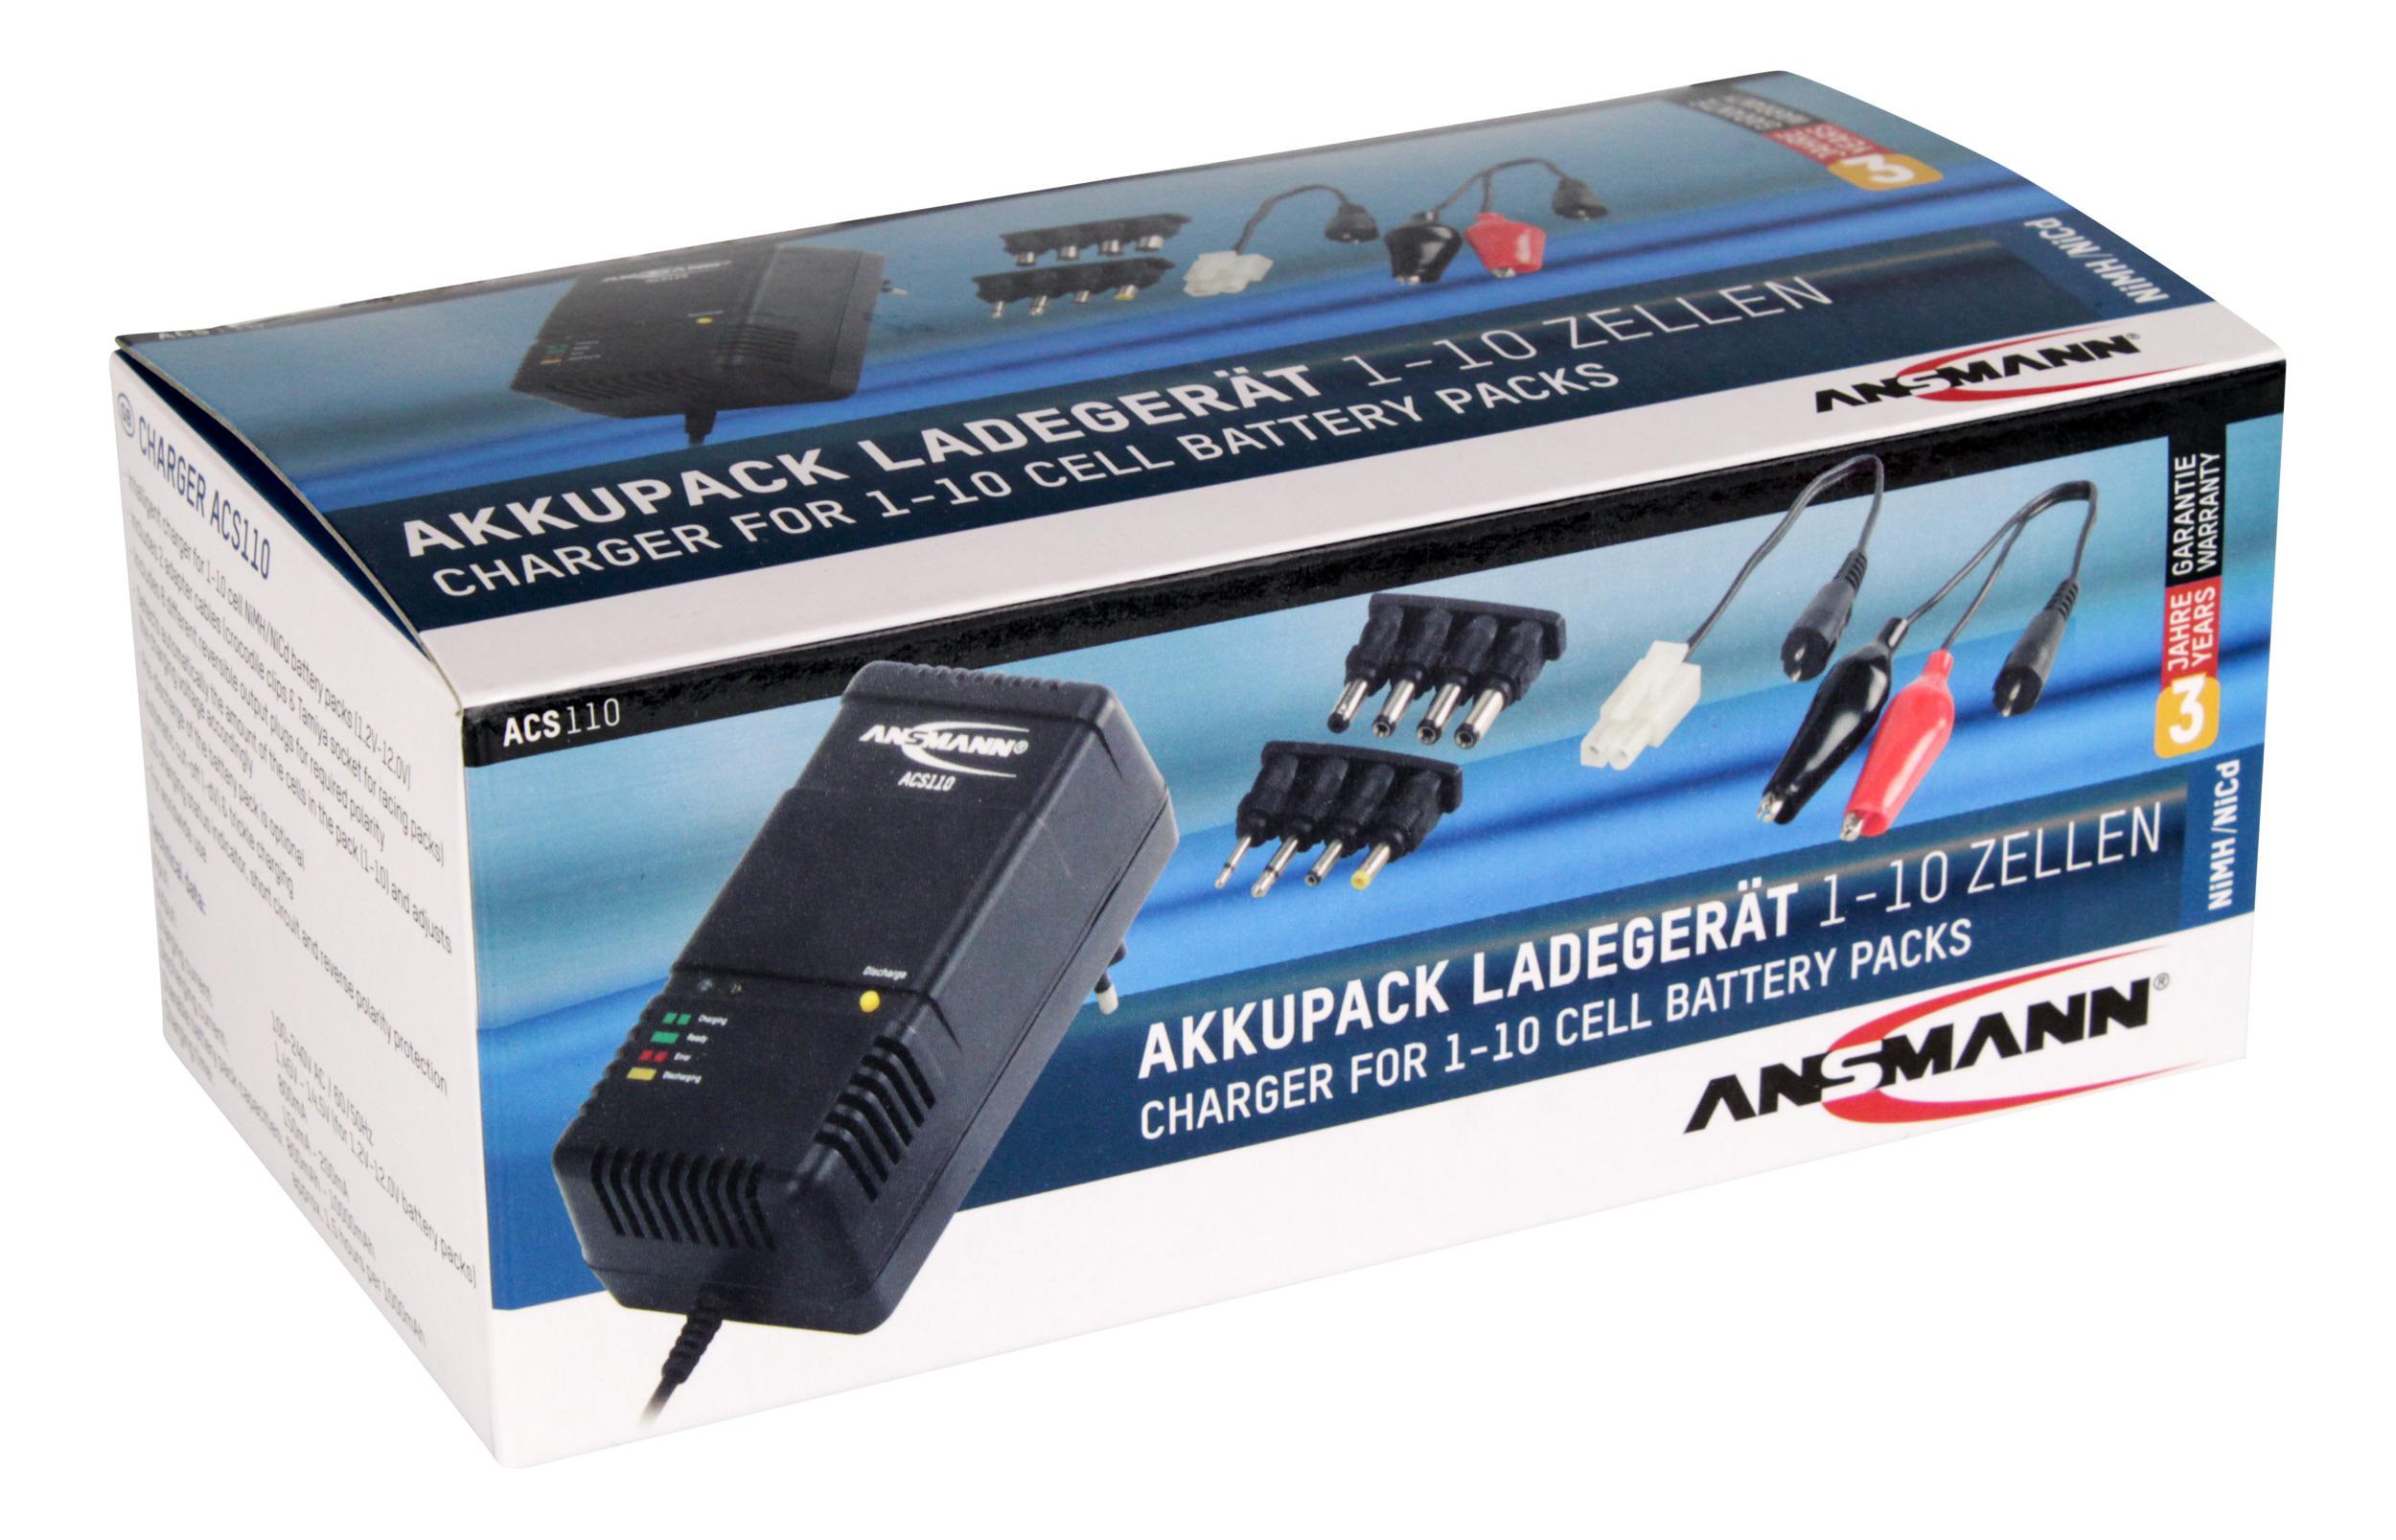 ANSMANN 1001-0023 ACS110 Ladegerät für 1-10 zellige NiMH/NiCd Akkupacks 1,2V-12V